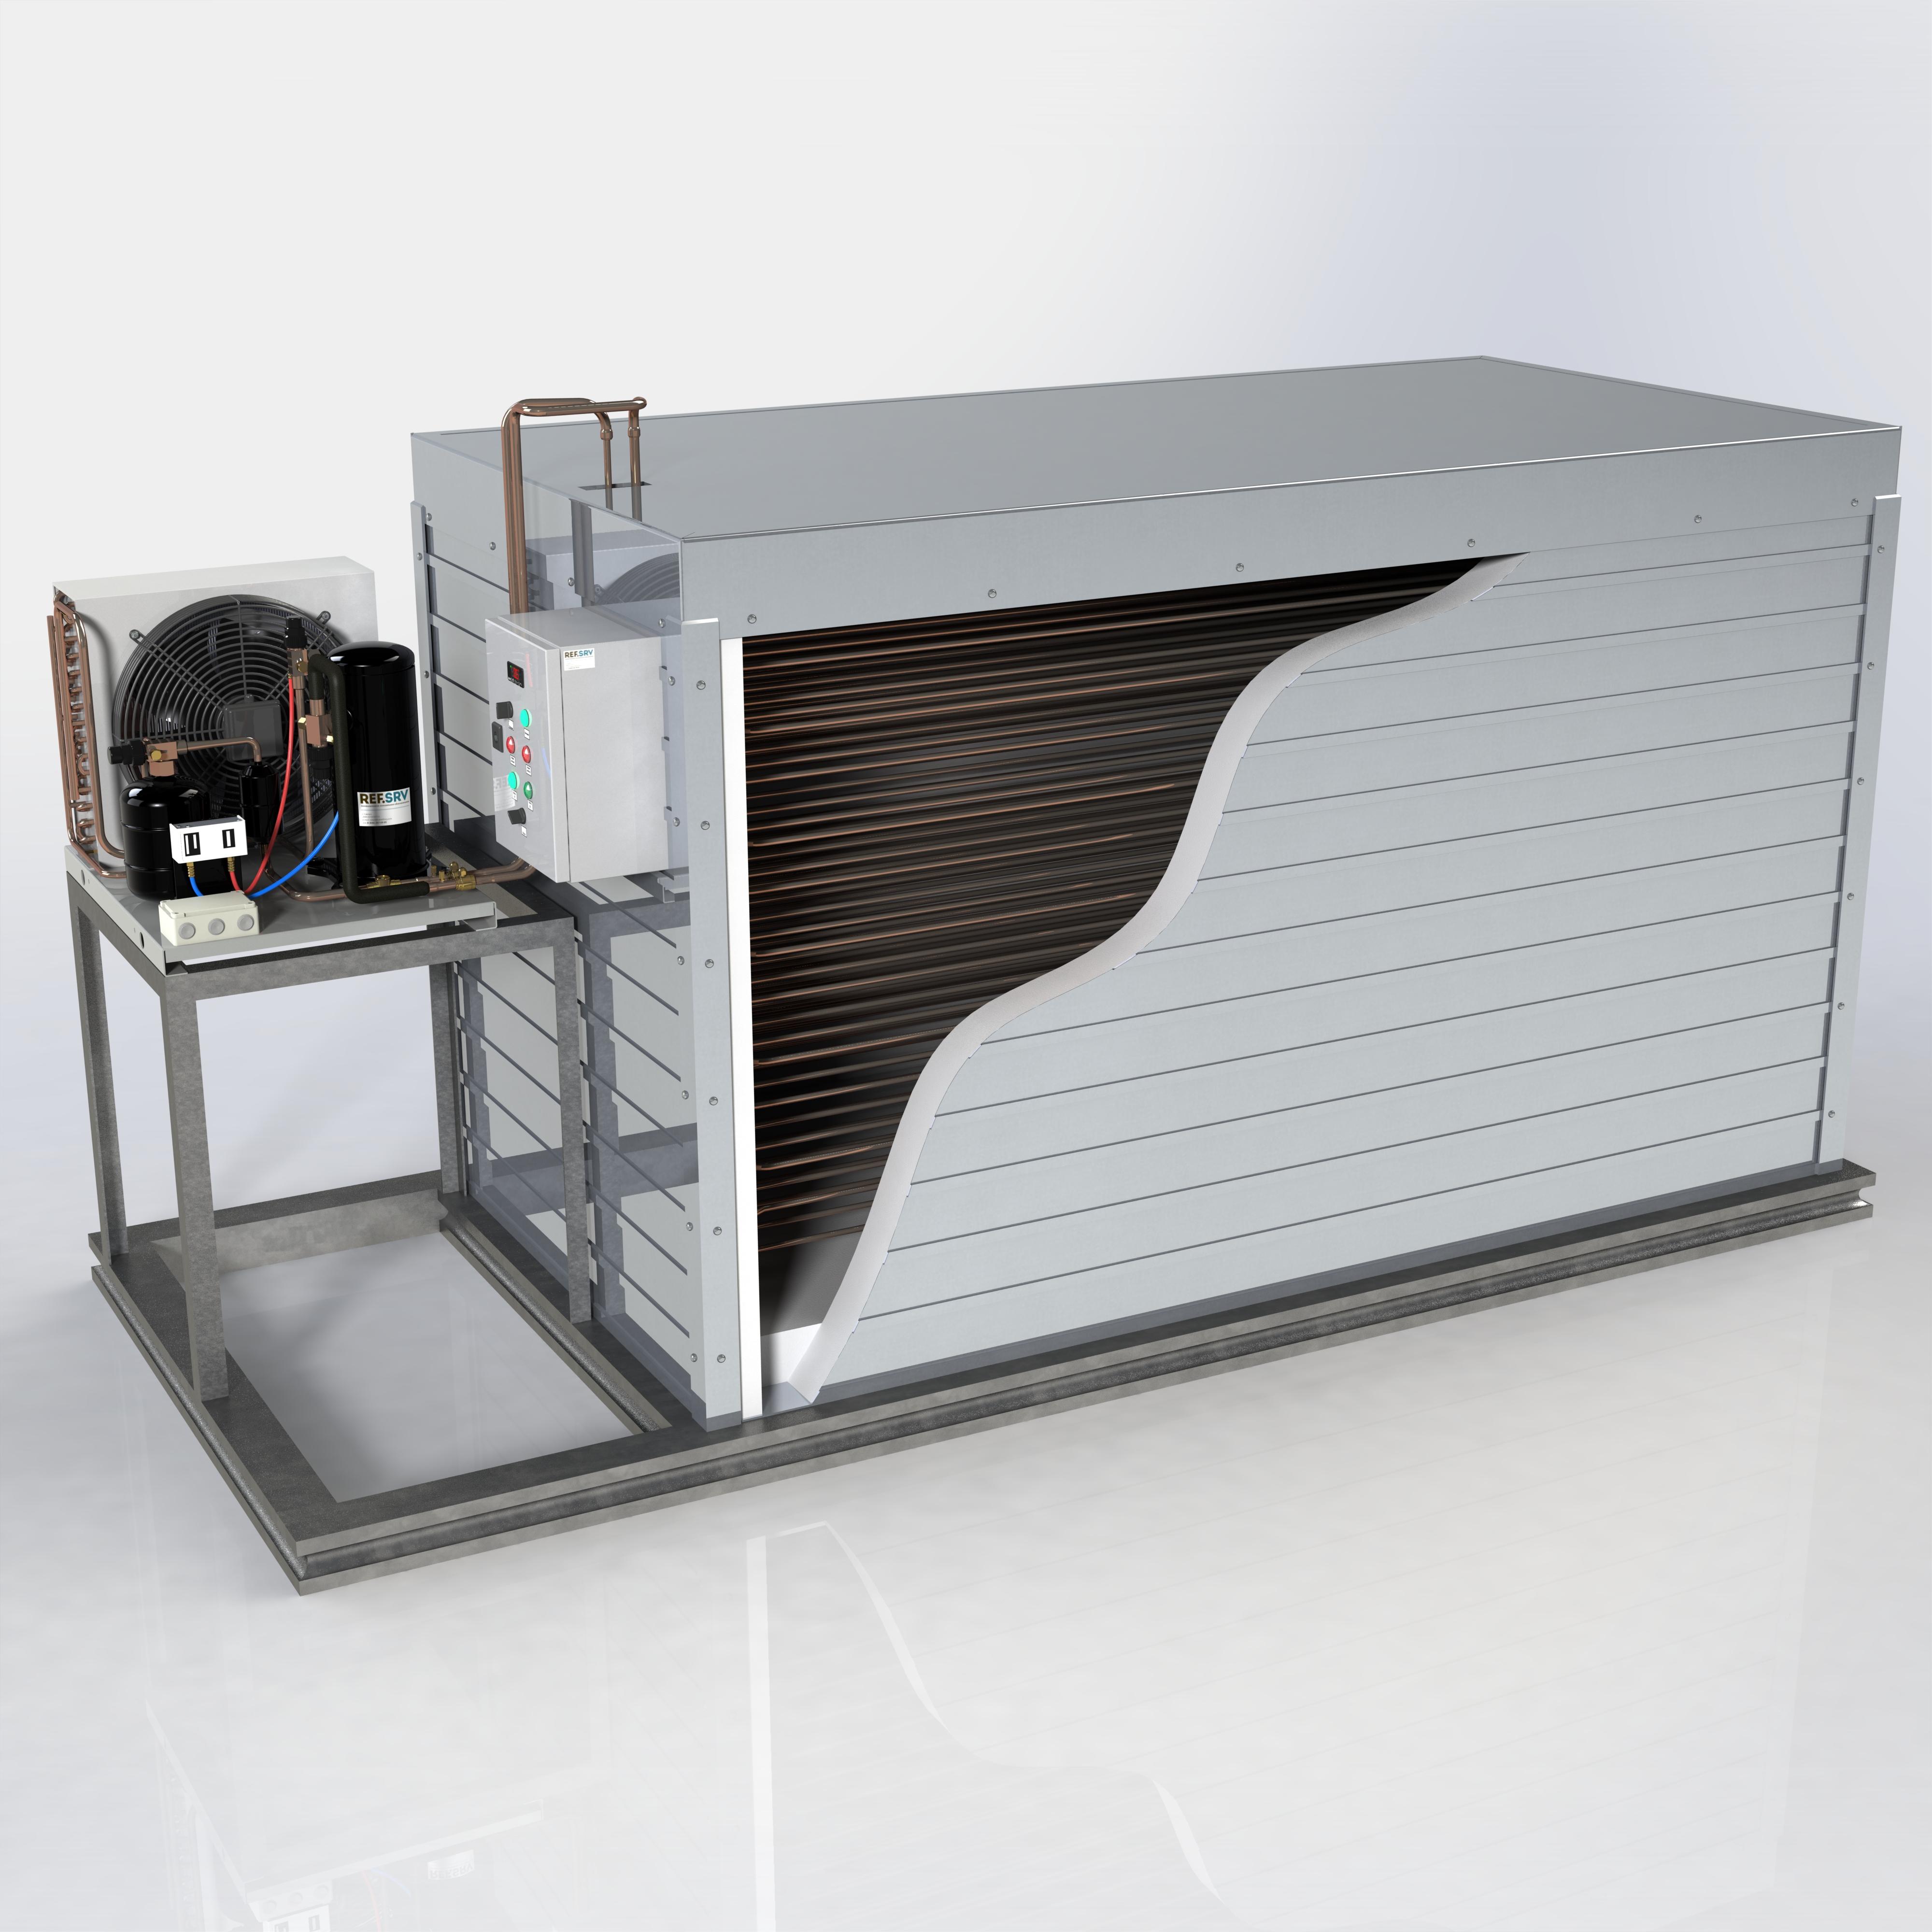 Камера хранения и система охлаждения